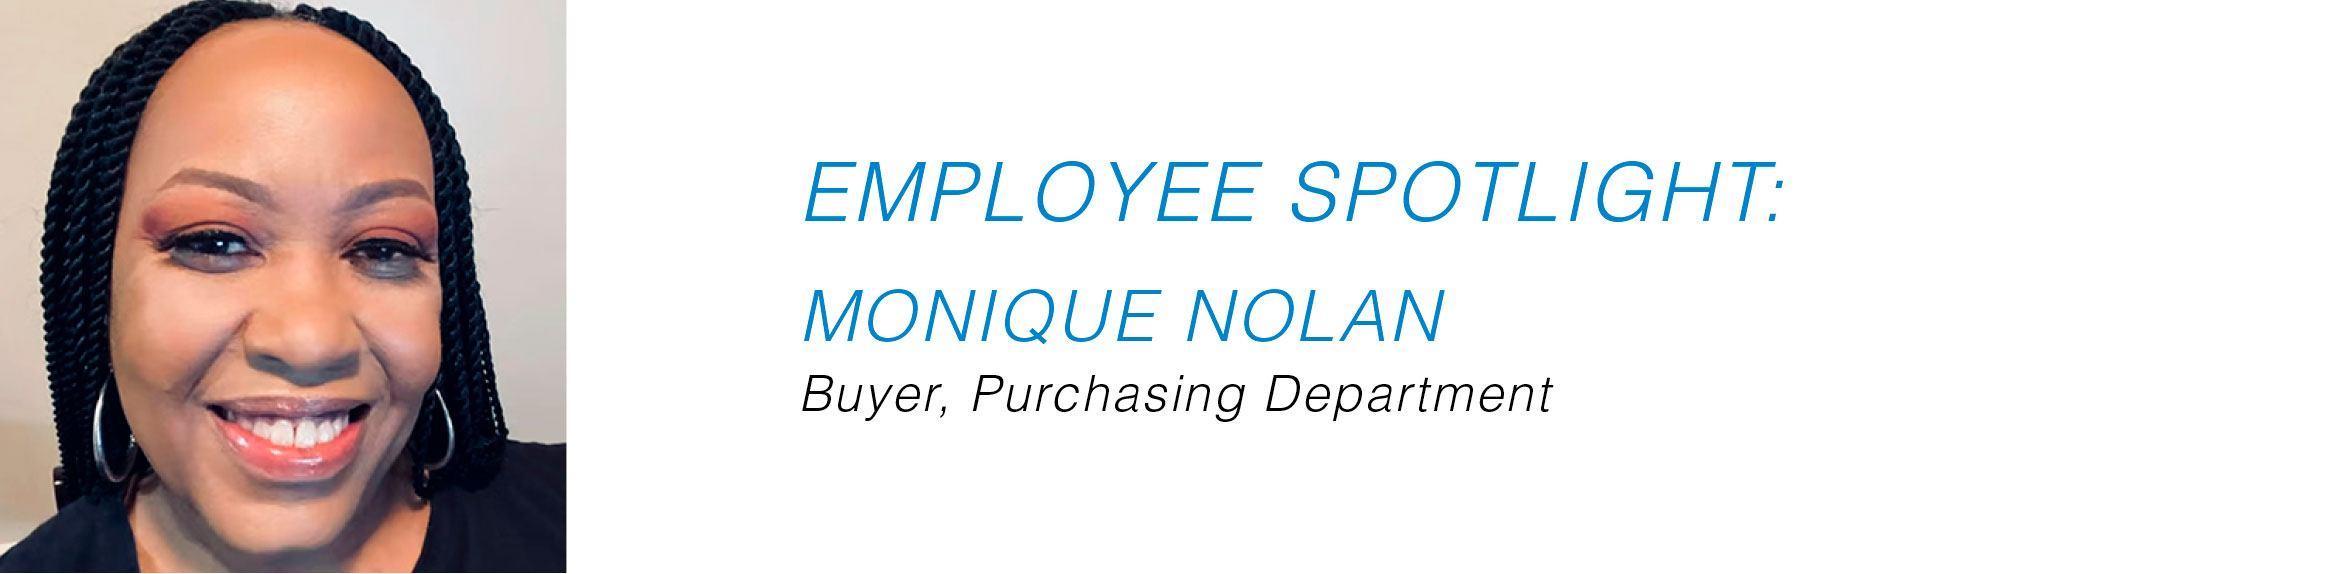 Employee Spotlight - Monique Nolan